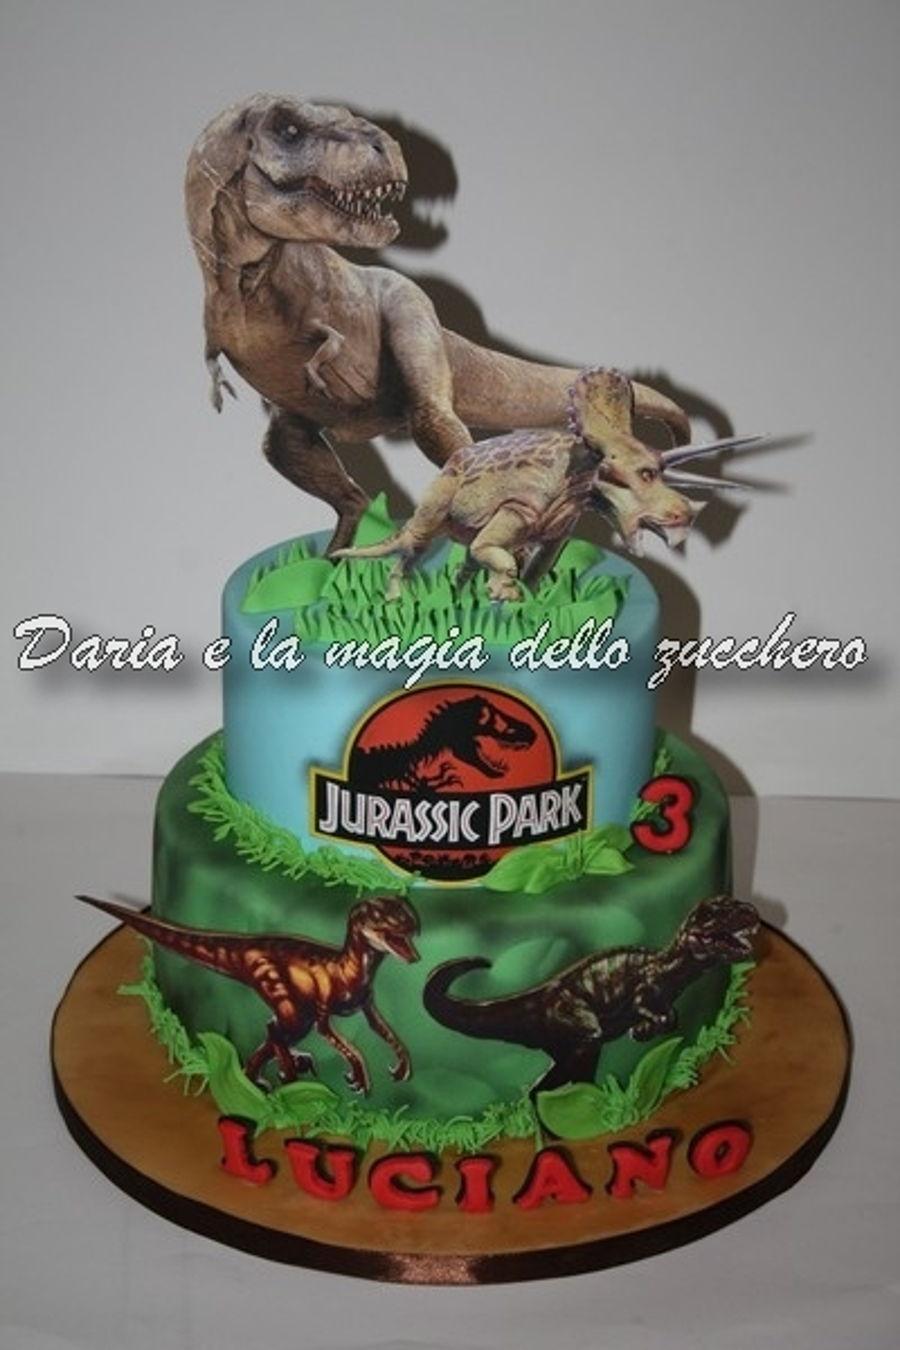 Jurassic Park Cake - CakeCentral.com